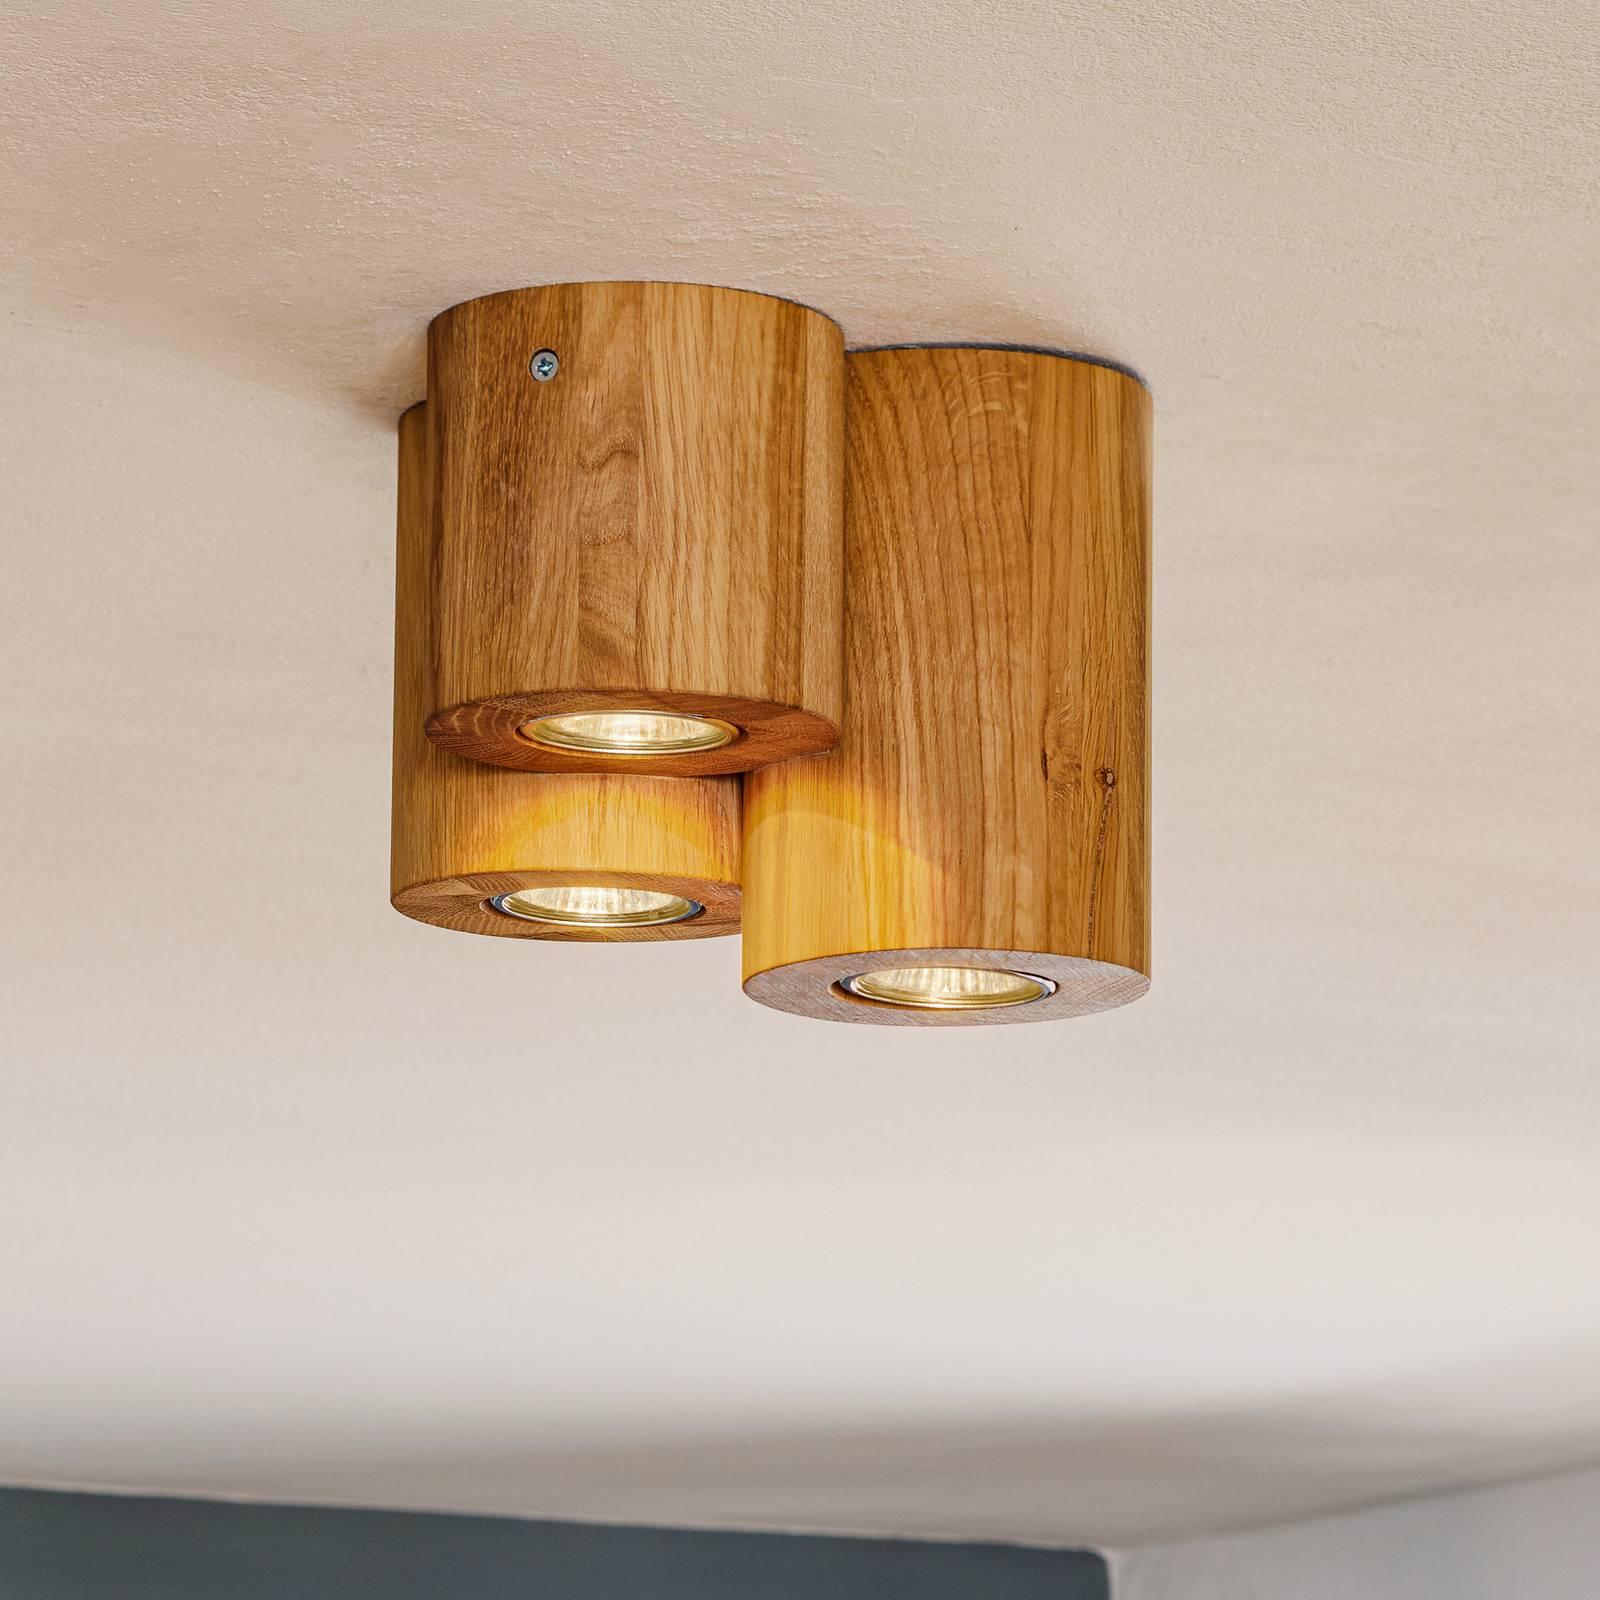 Deckenstrahler Und Weitere Lampen Günstig Online: Deckenstrahler Und Andere Lampen Von Spot-Light Bei